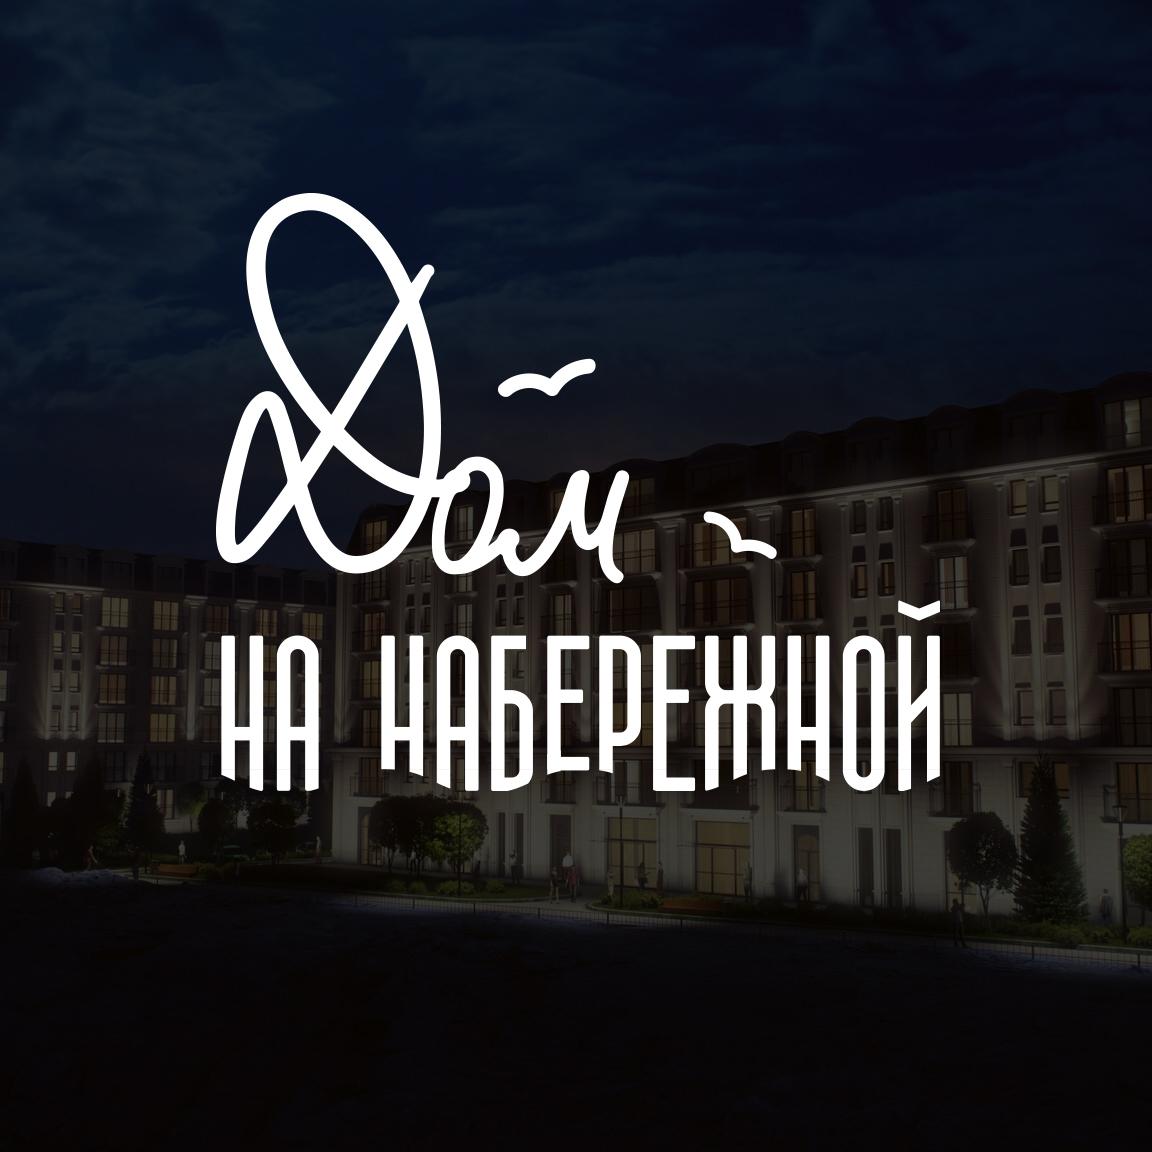 РАЗРАБОТКА логотипа для ЖИЛОГО КОМПЛЕКСА премиум В АНАПЕ.  фото f_9785de7f1c405ba4.jpg